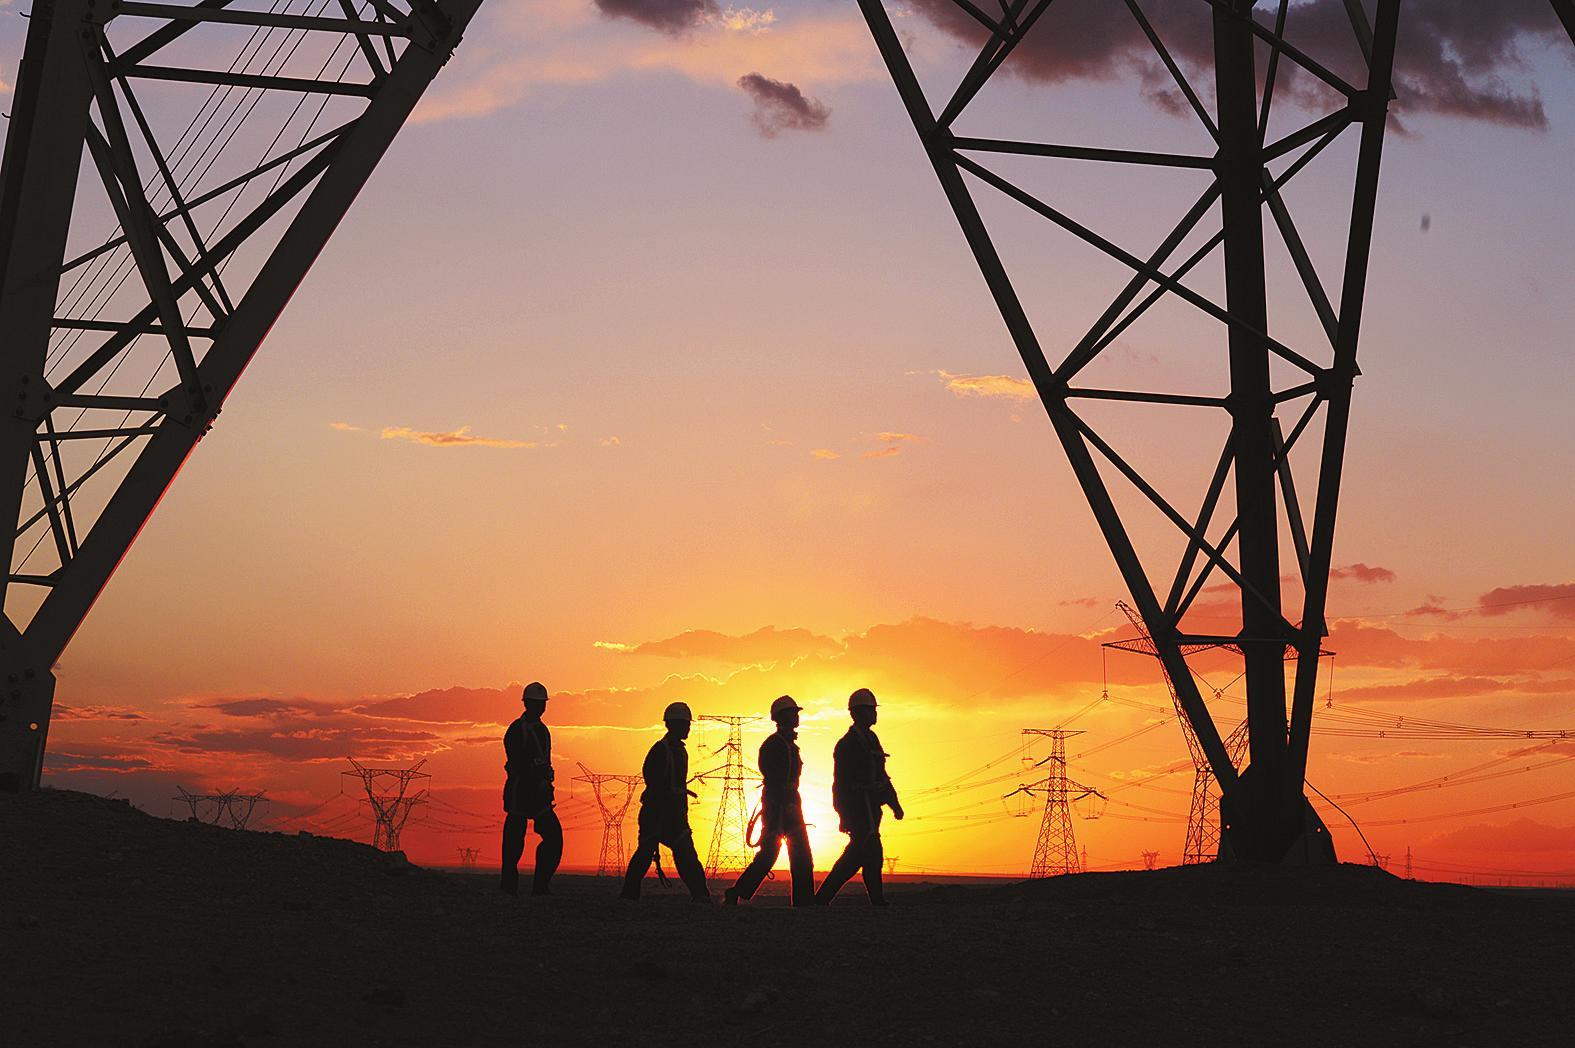 发改委:应降低一般工商业电价